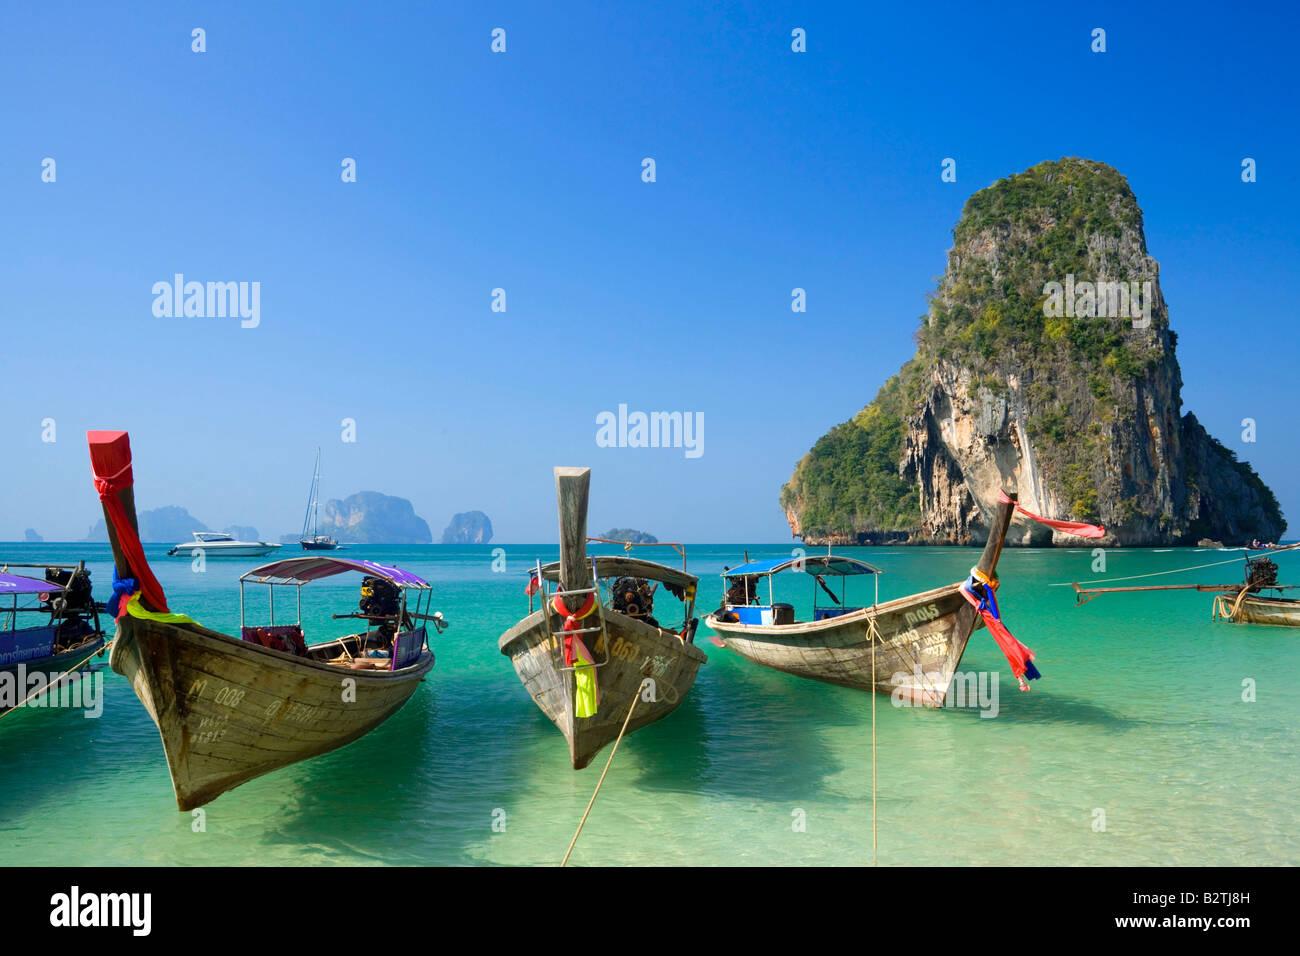 Bateaux ancrés, falaise de craie en arrière-plan, Phra Nang Beach, Laem Phra Nang Railay, Krabi, Thaïlande, Photo Stock